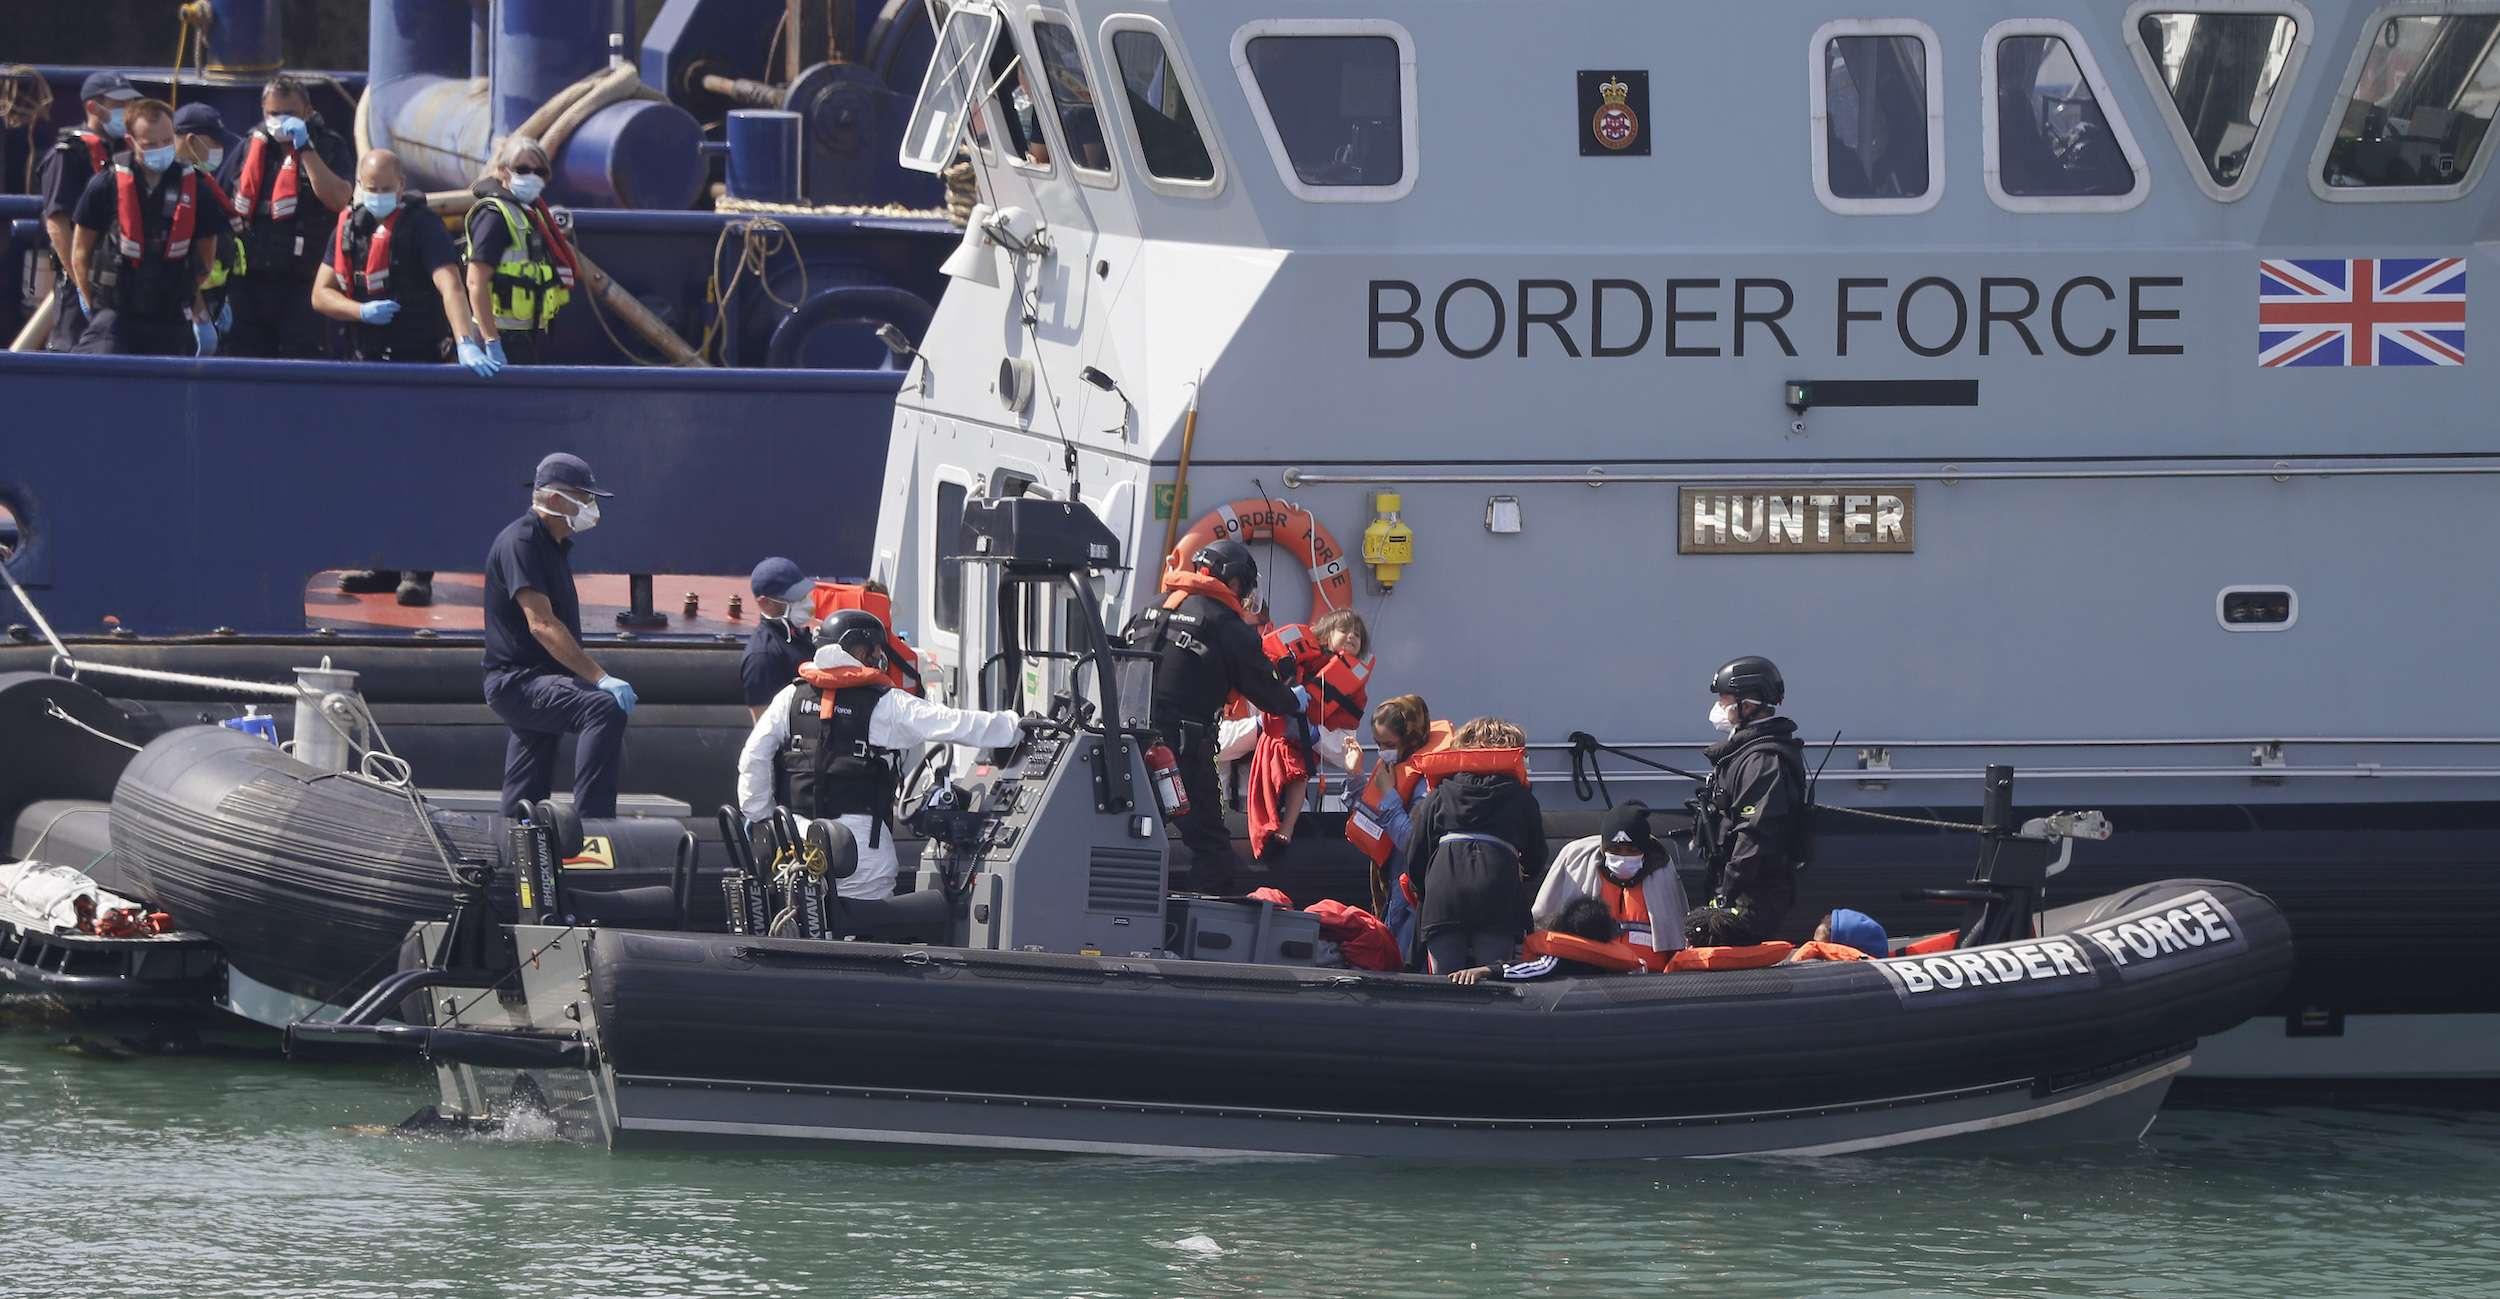 بريطانيا.. عسكرة بحر المانش لمنع عبور طالبي اللجوء والمهاجرين غير إنساني